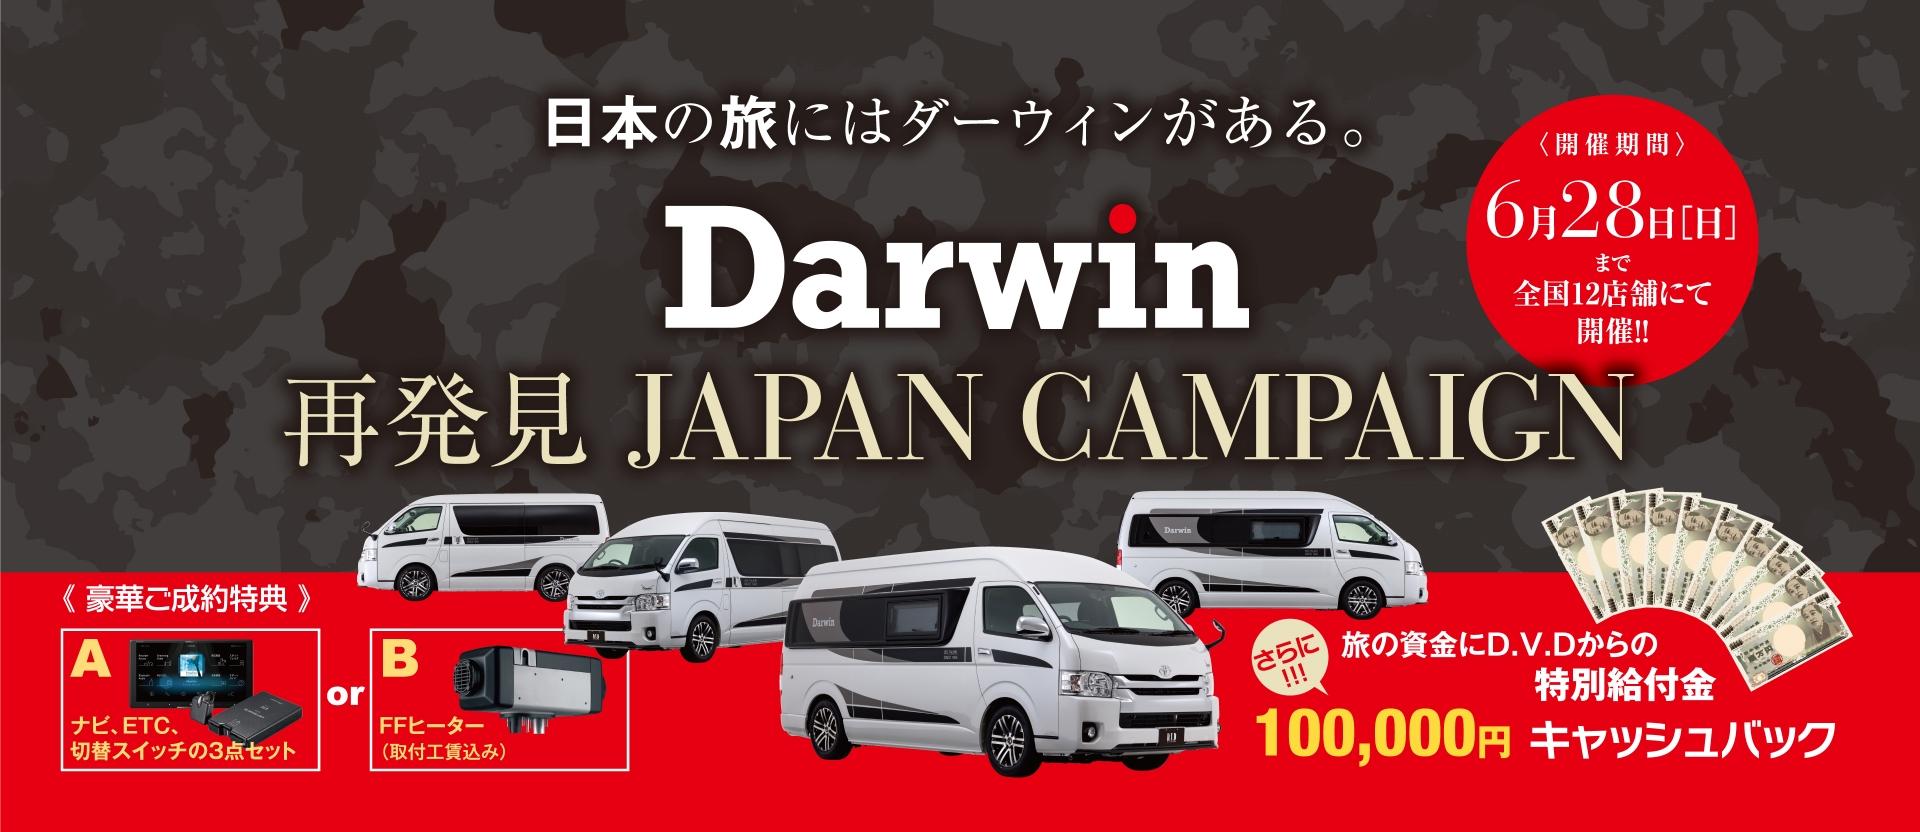 ダーウィン 「再発見ジャパン」キャンペーン